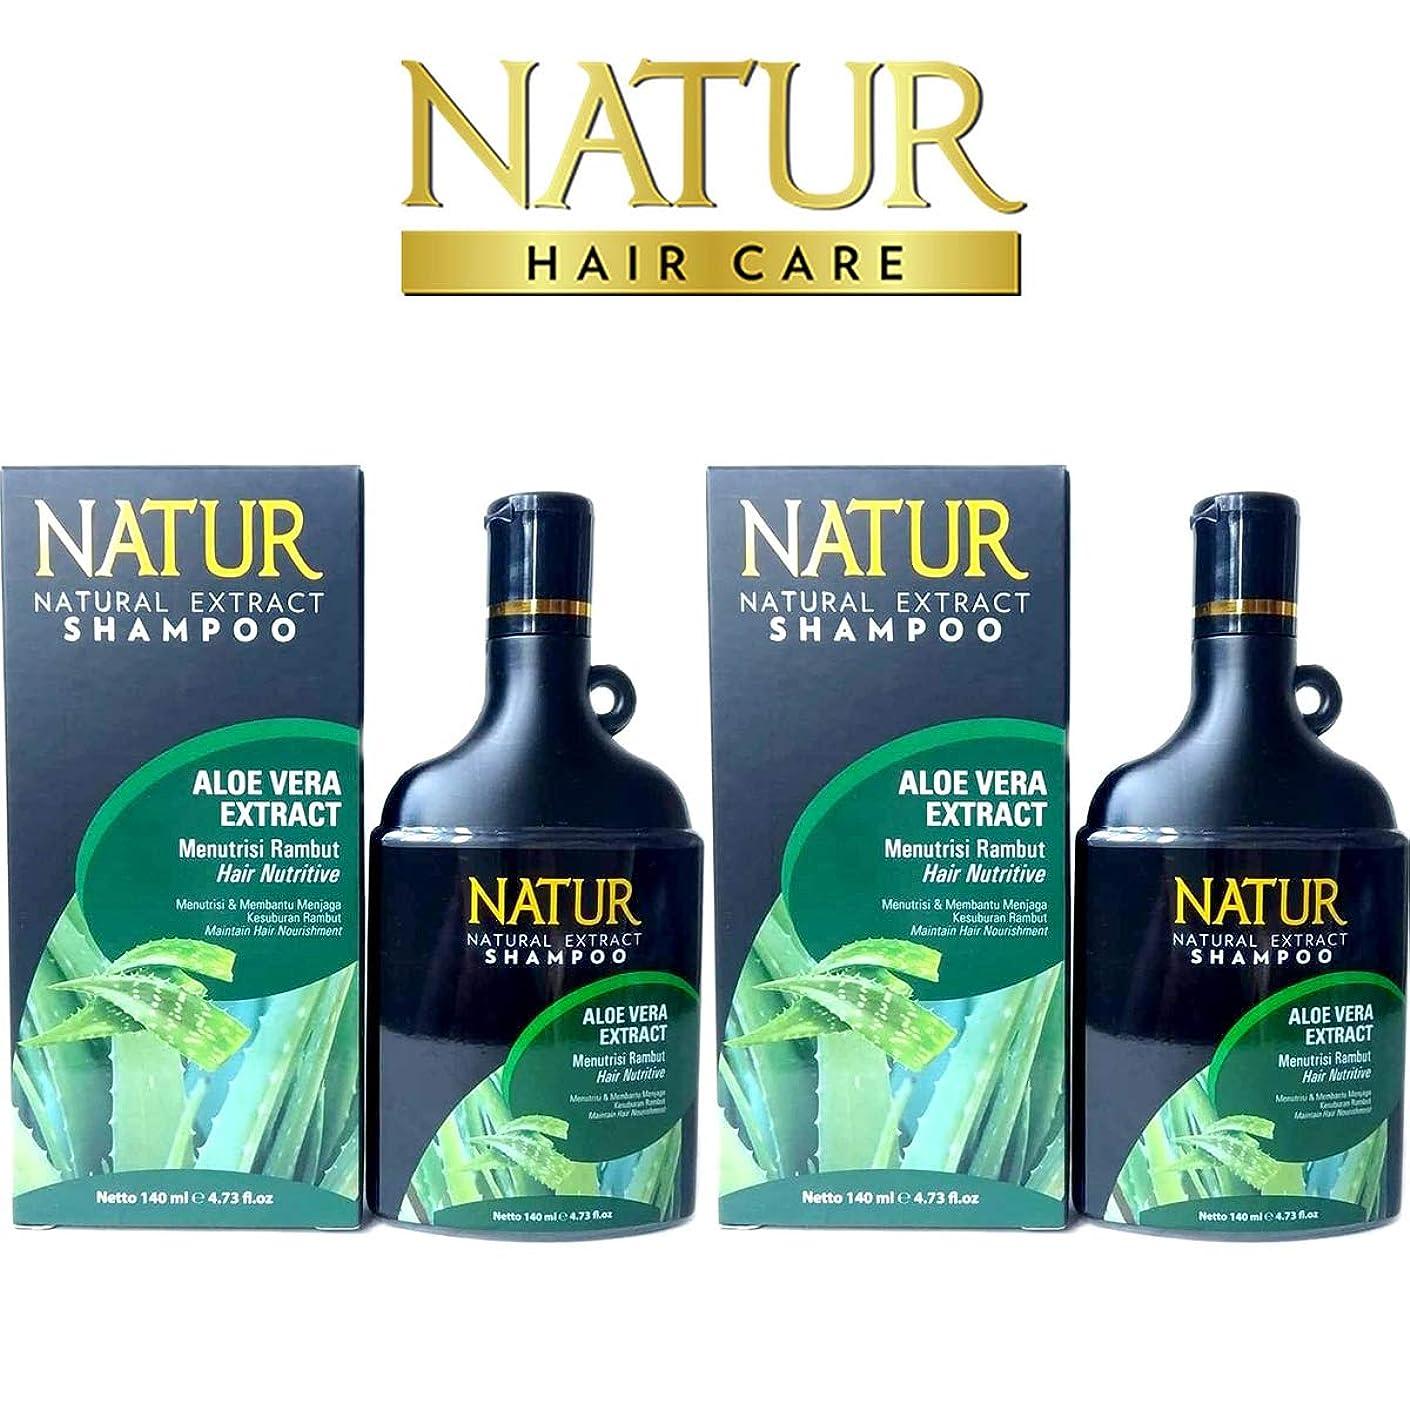 取る見つけた説明NATUR ナトゥール 天然植物エキス配合 ハーバルシャンプー 140ml×2個セット Aloe vera アロエベラ [海外直商品]